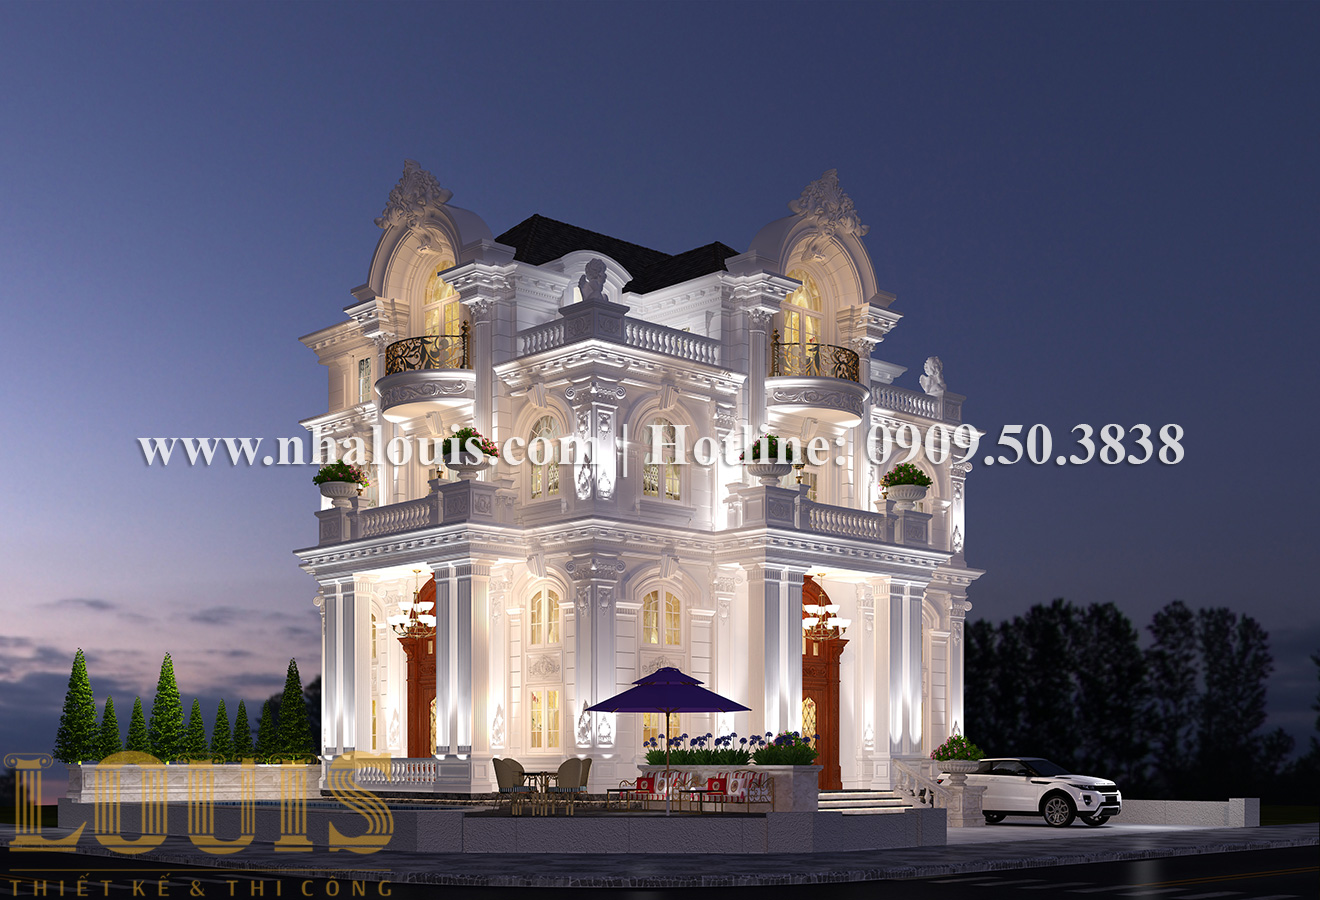 Thiết kế mẫu biệt thự kiểu Pháp 4 tầng tại Quận 9 đẹp kiêu sa - 02